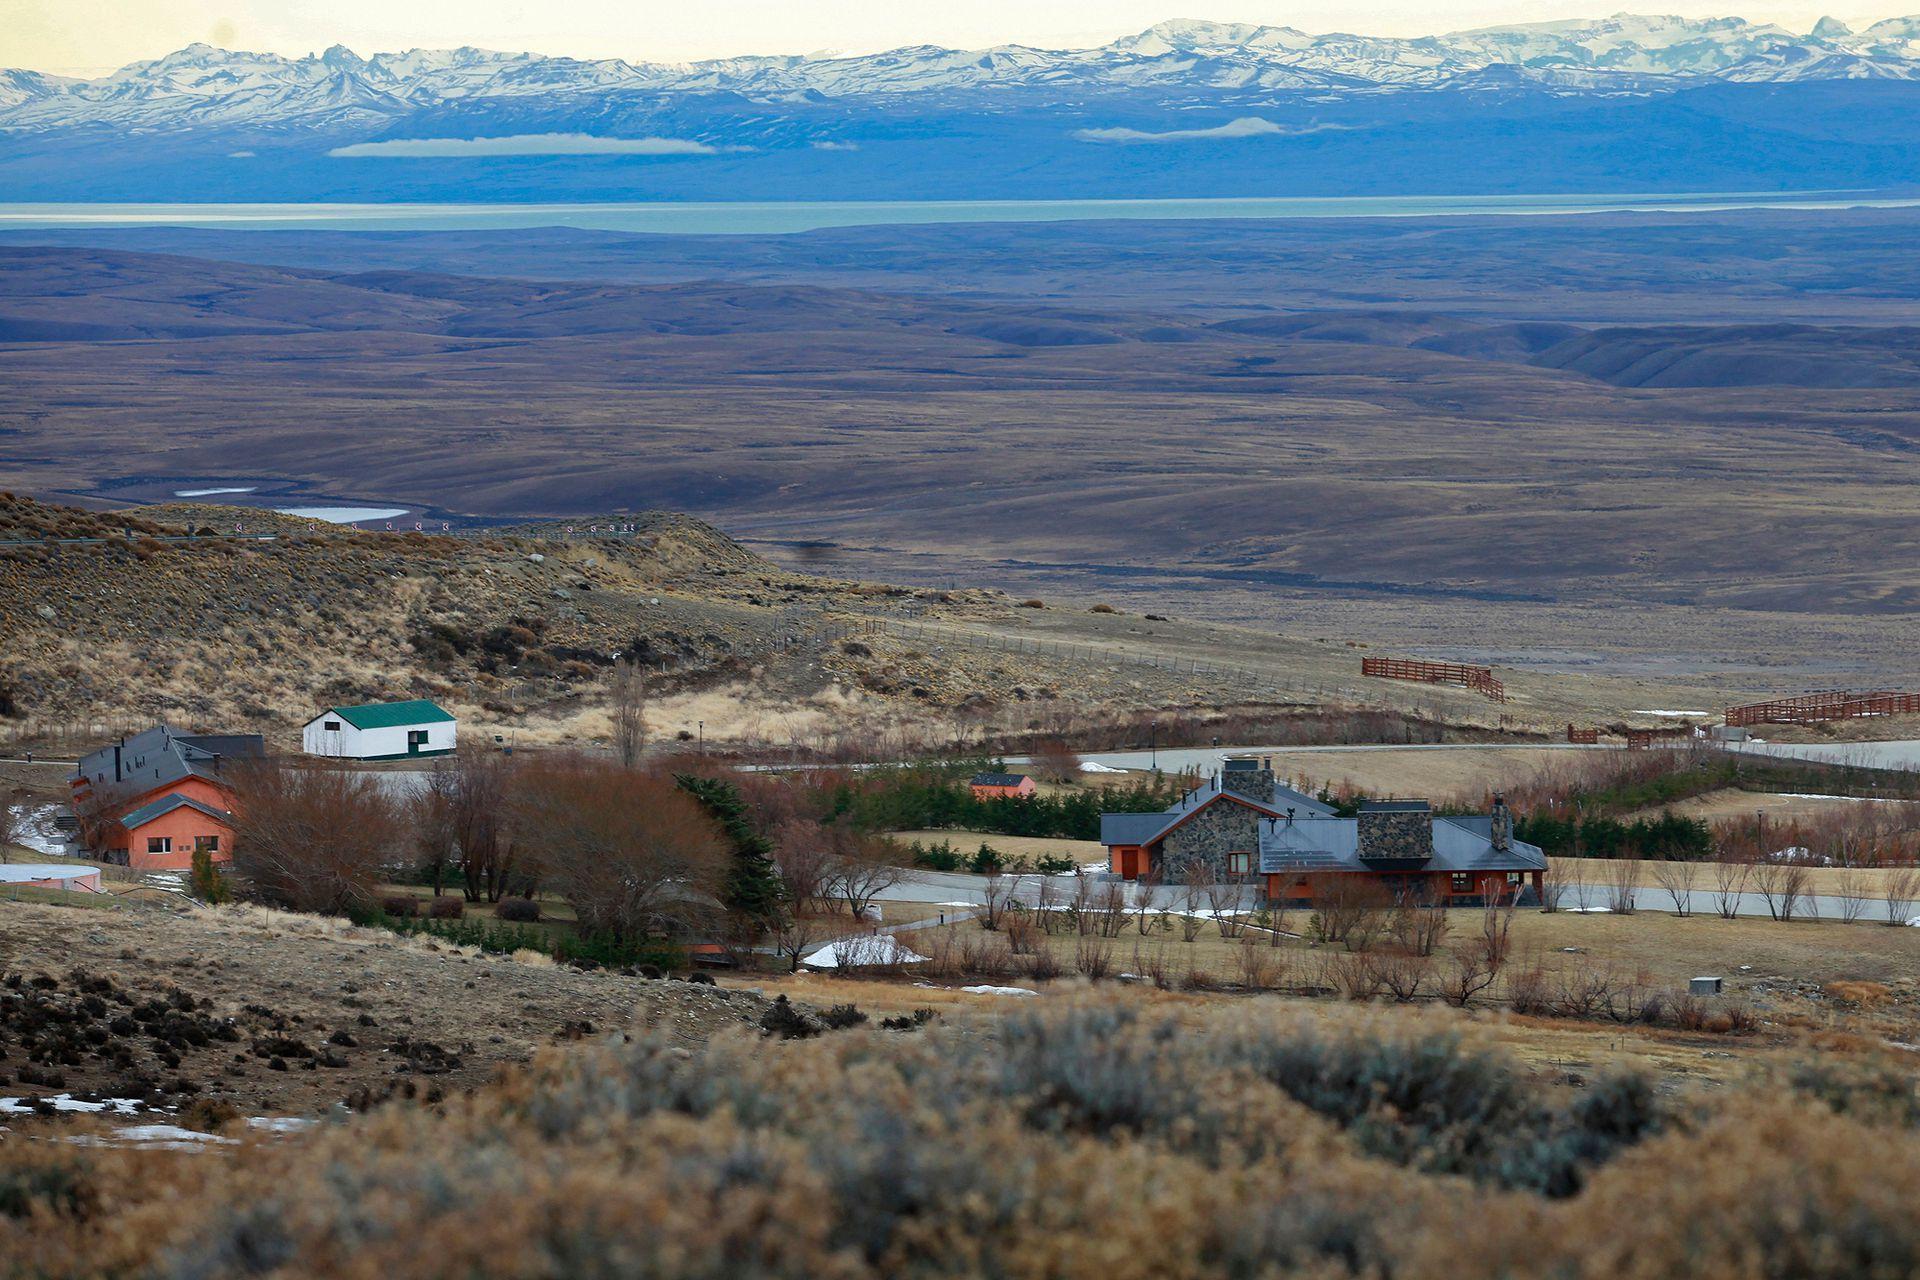 Al fondo de la estancia Cruz Aike, una de las propiedades de Lázaro Báez, se puede ver el Lago Argentino y la cordillera de Los Andes